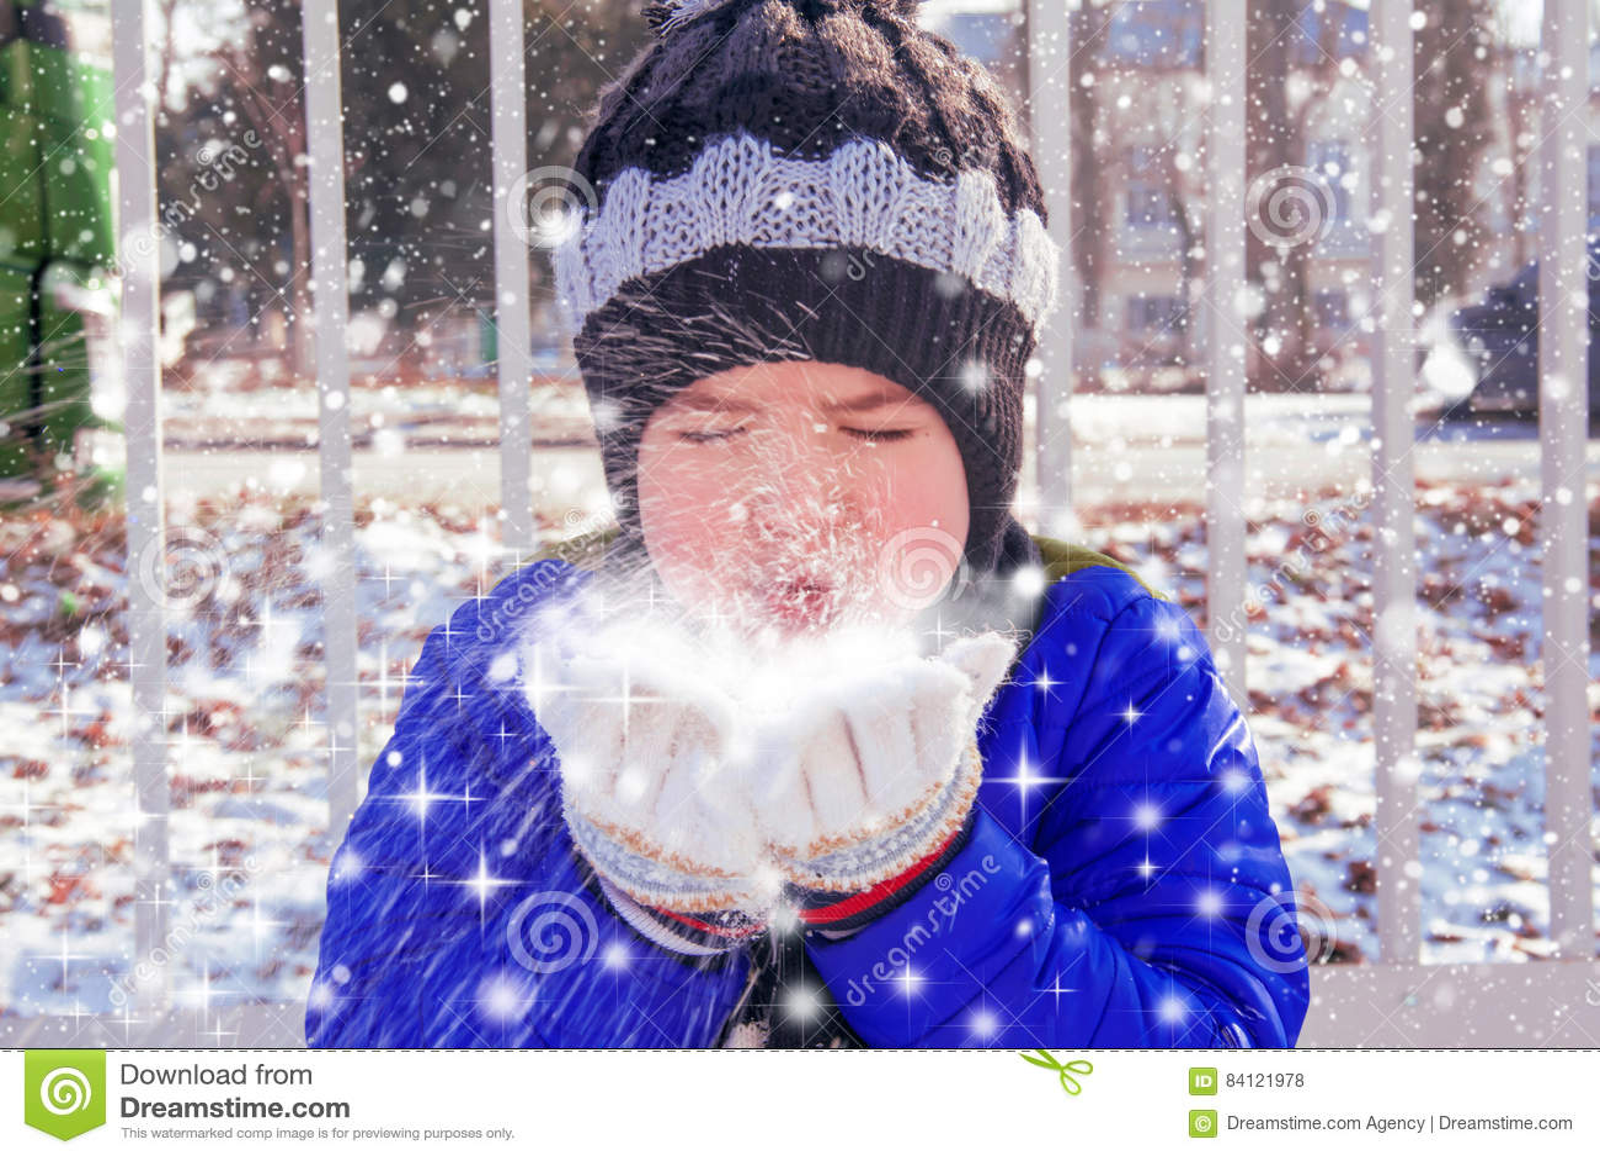 Drömmar av magisk snö